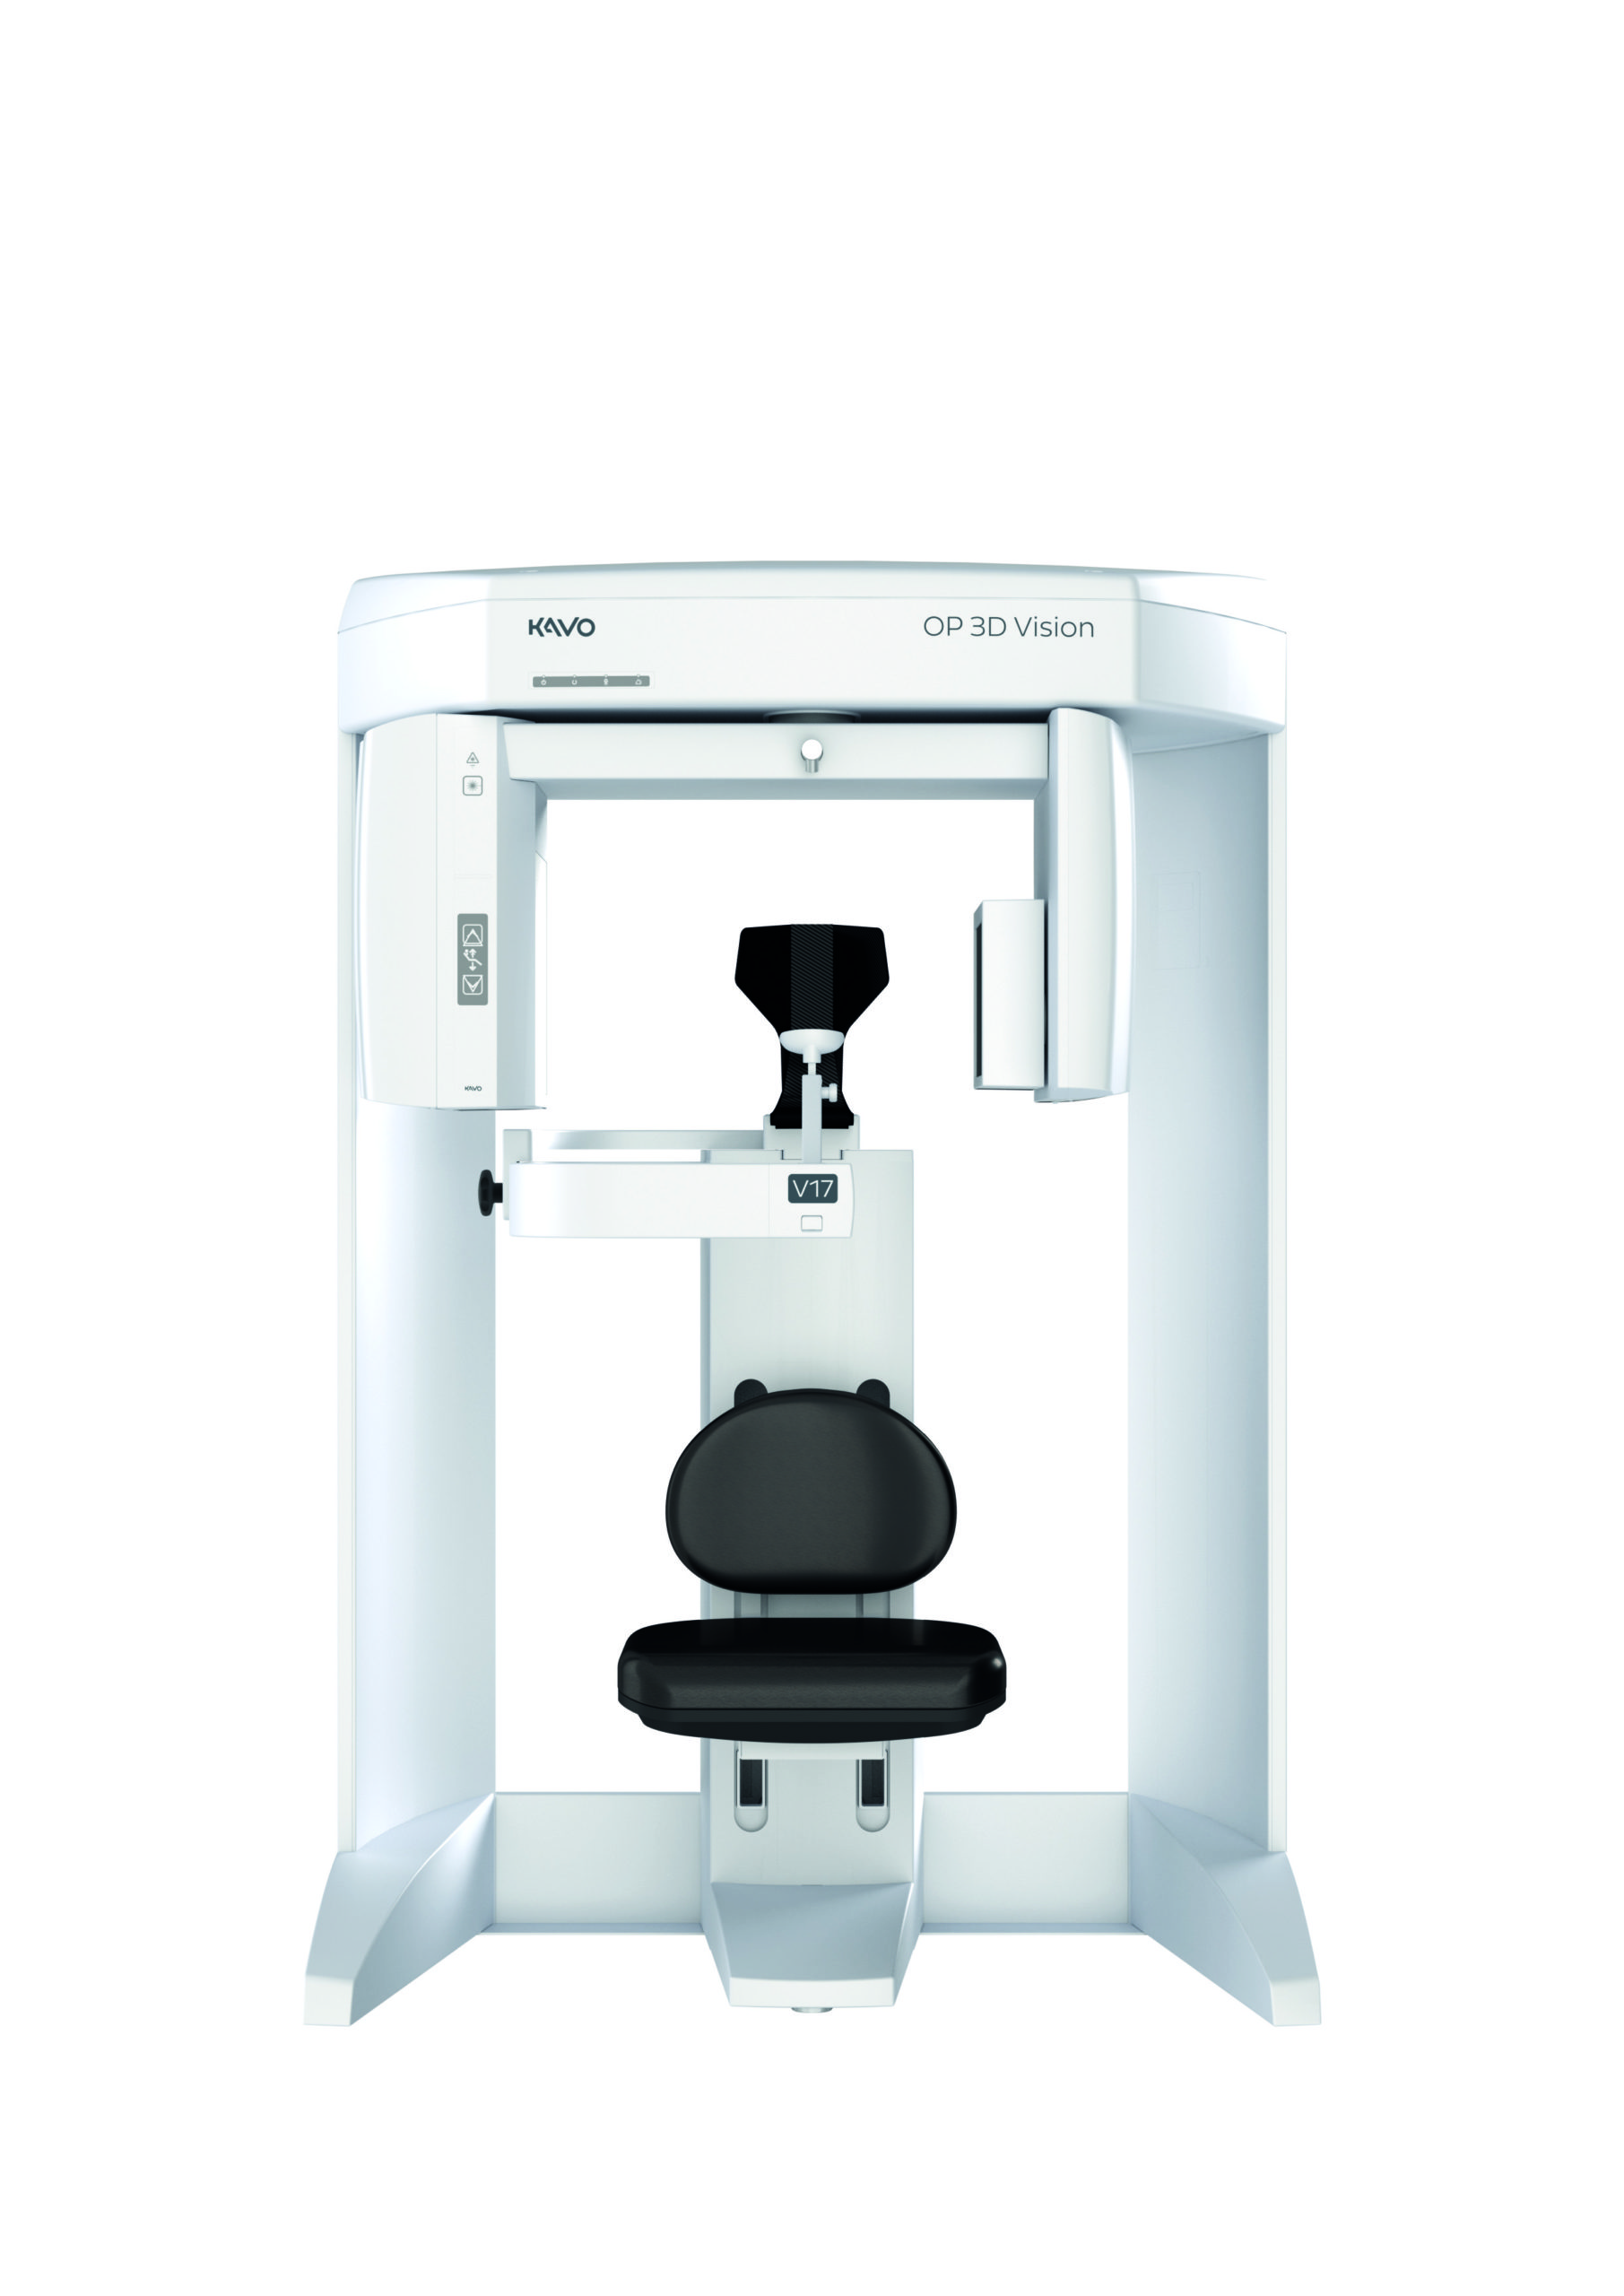 KaVo OP 3D Visionの写真